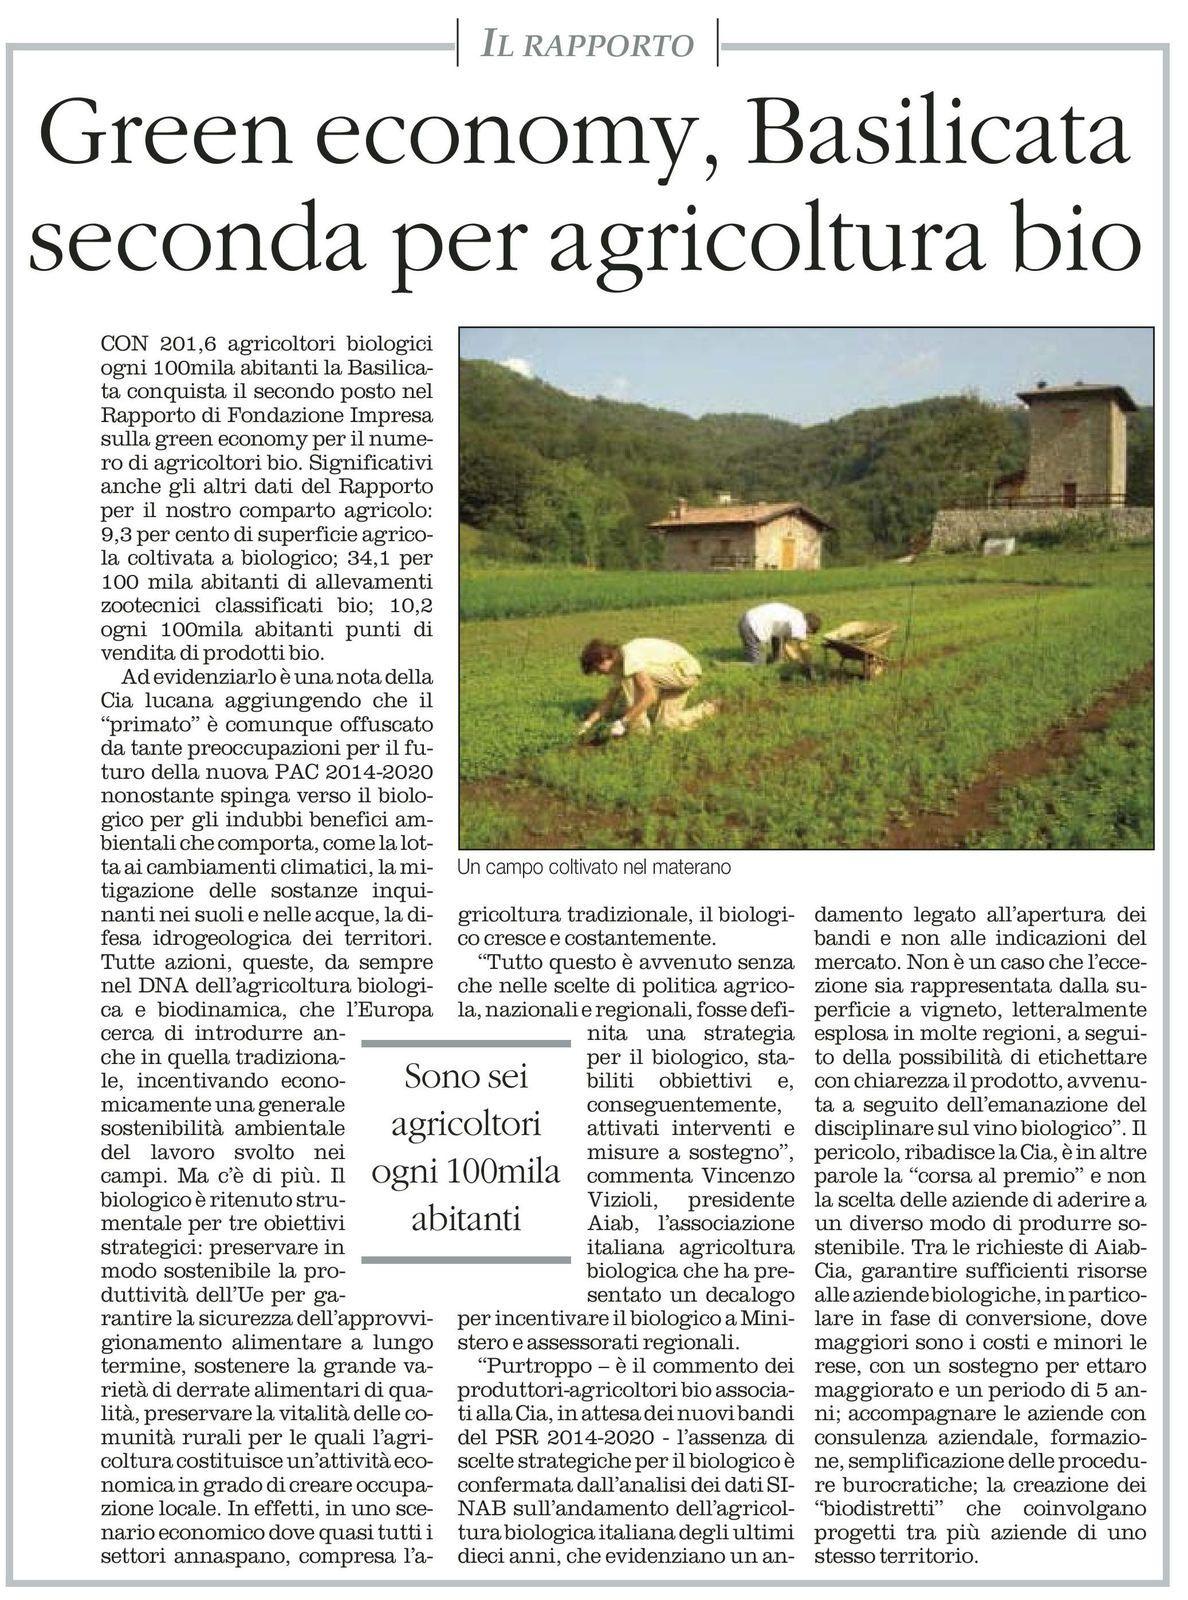 in allegato articolo pubblicato su il Quotidiano del SUD il 5 febbraio 2015